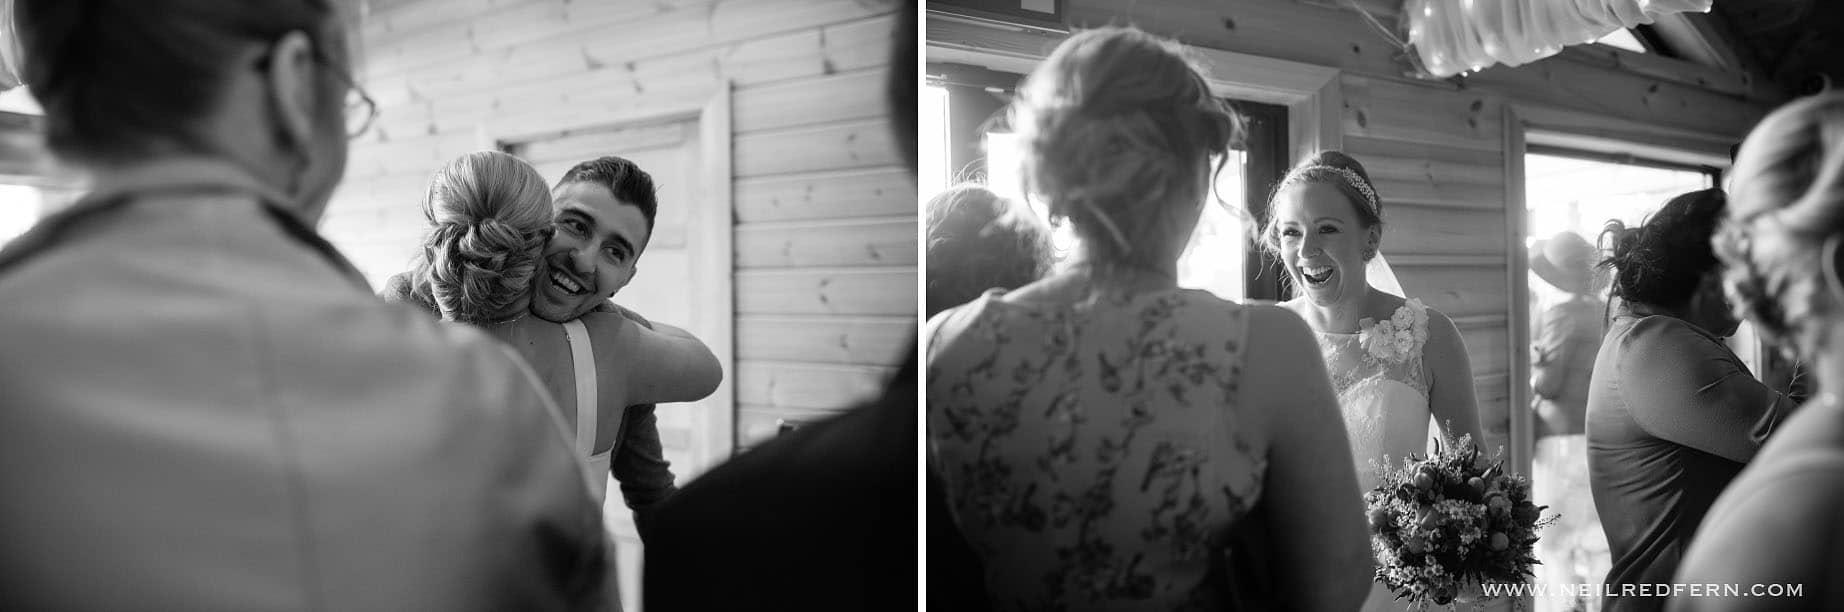 Styal Lodge wedding photographer 20